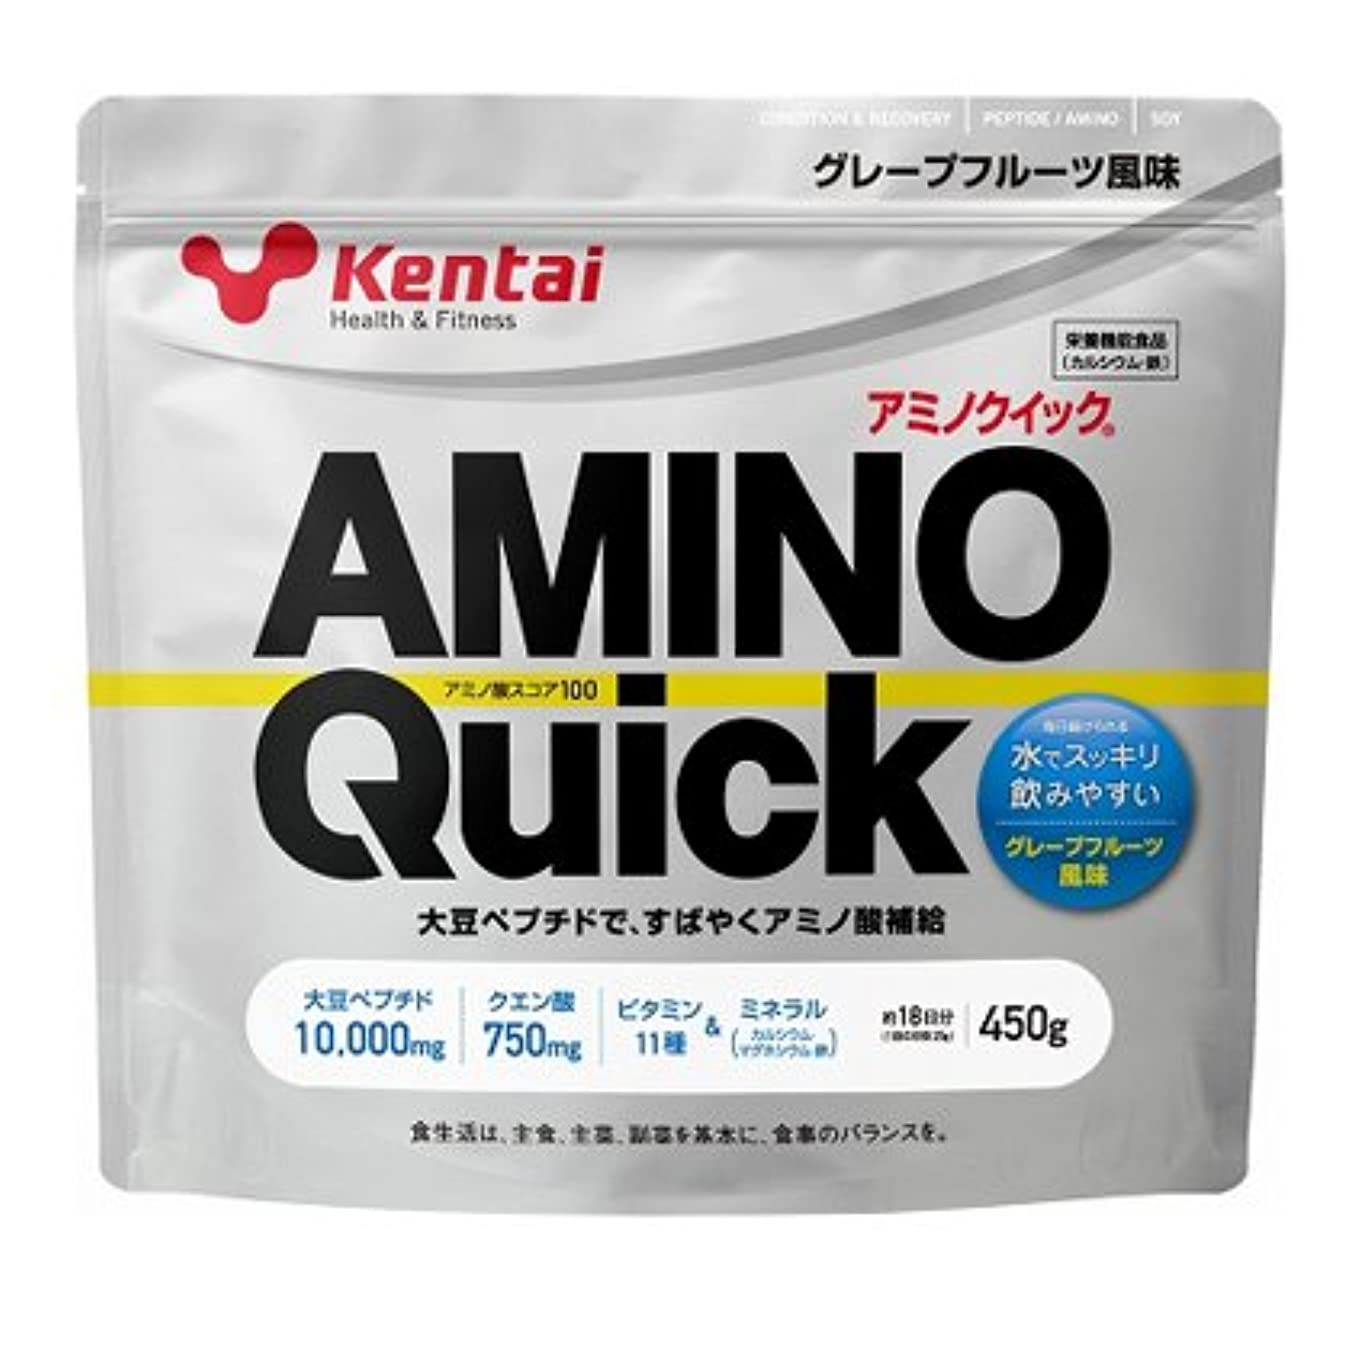 痛み寛大さ徐々に【健康体力研究所 (Kentai)】 アミノクイック450g